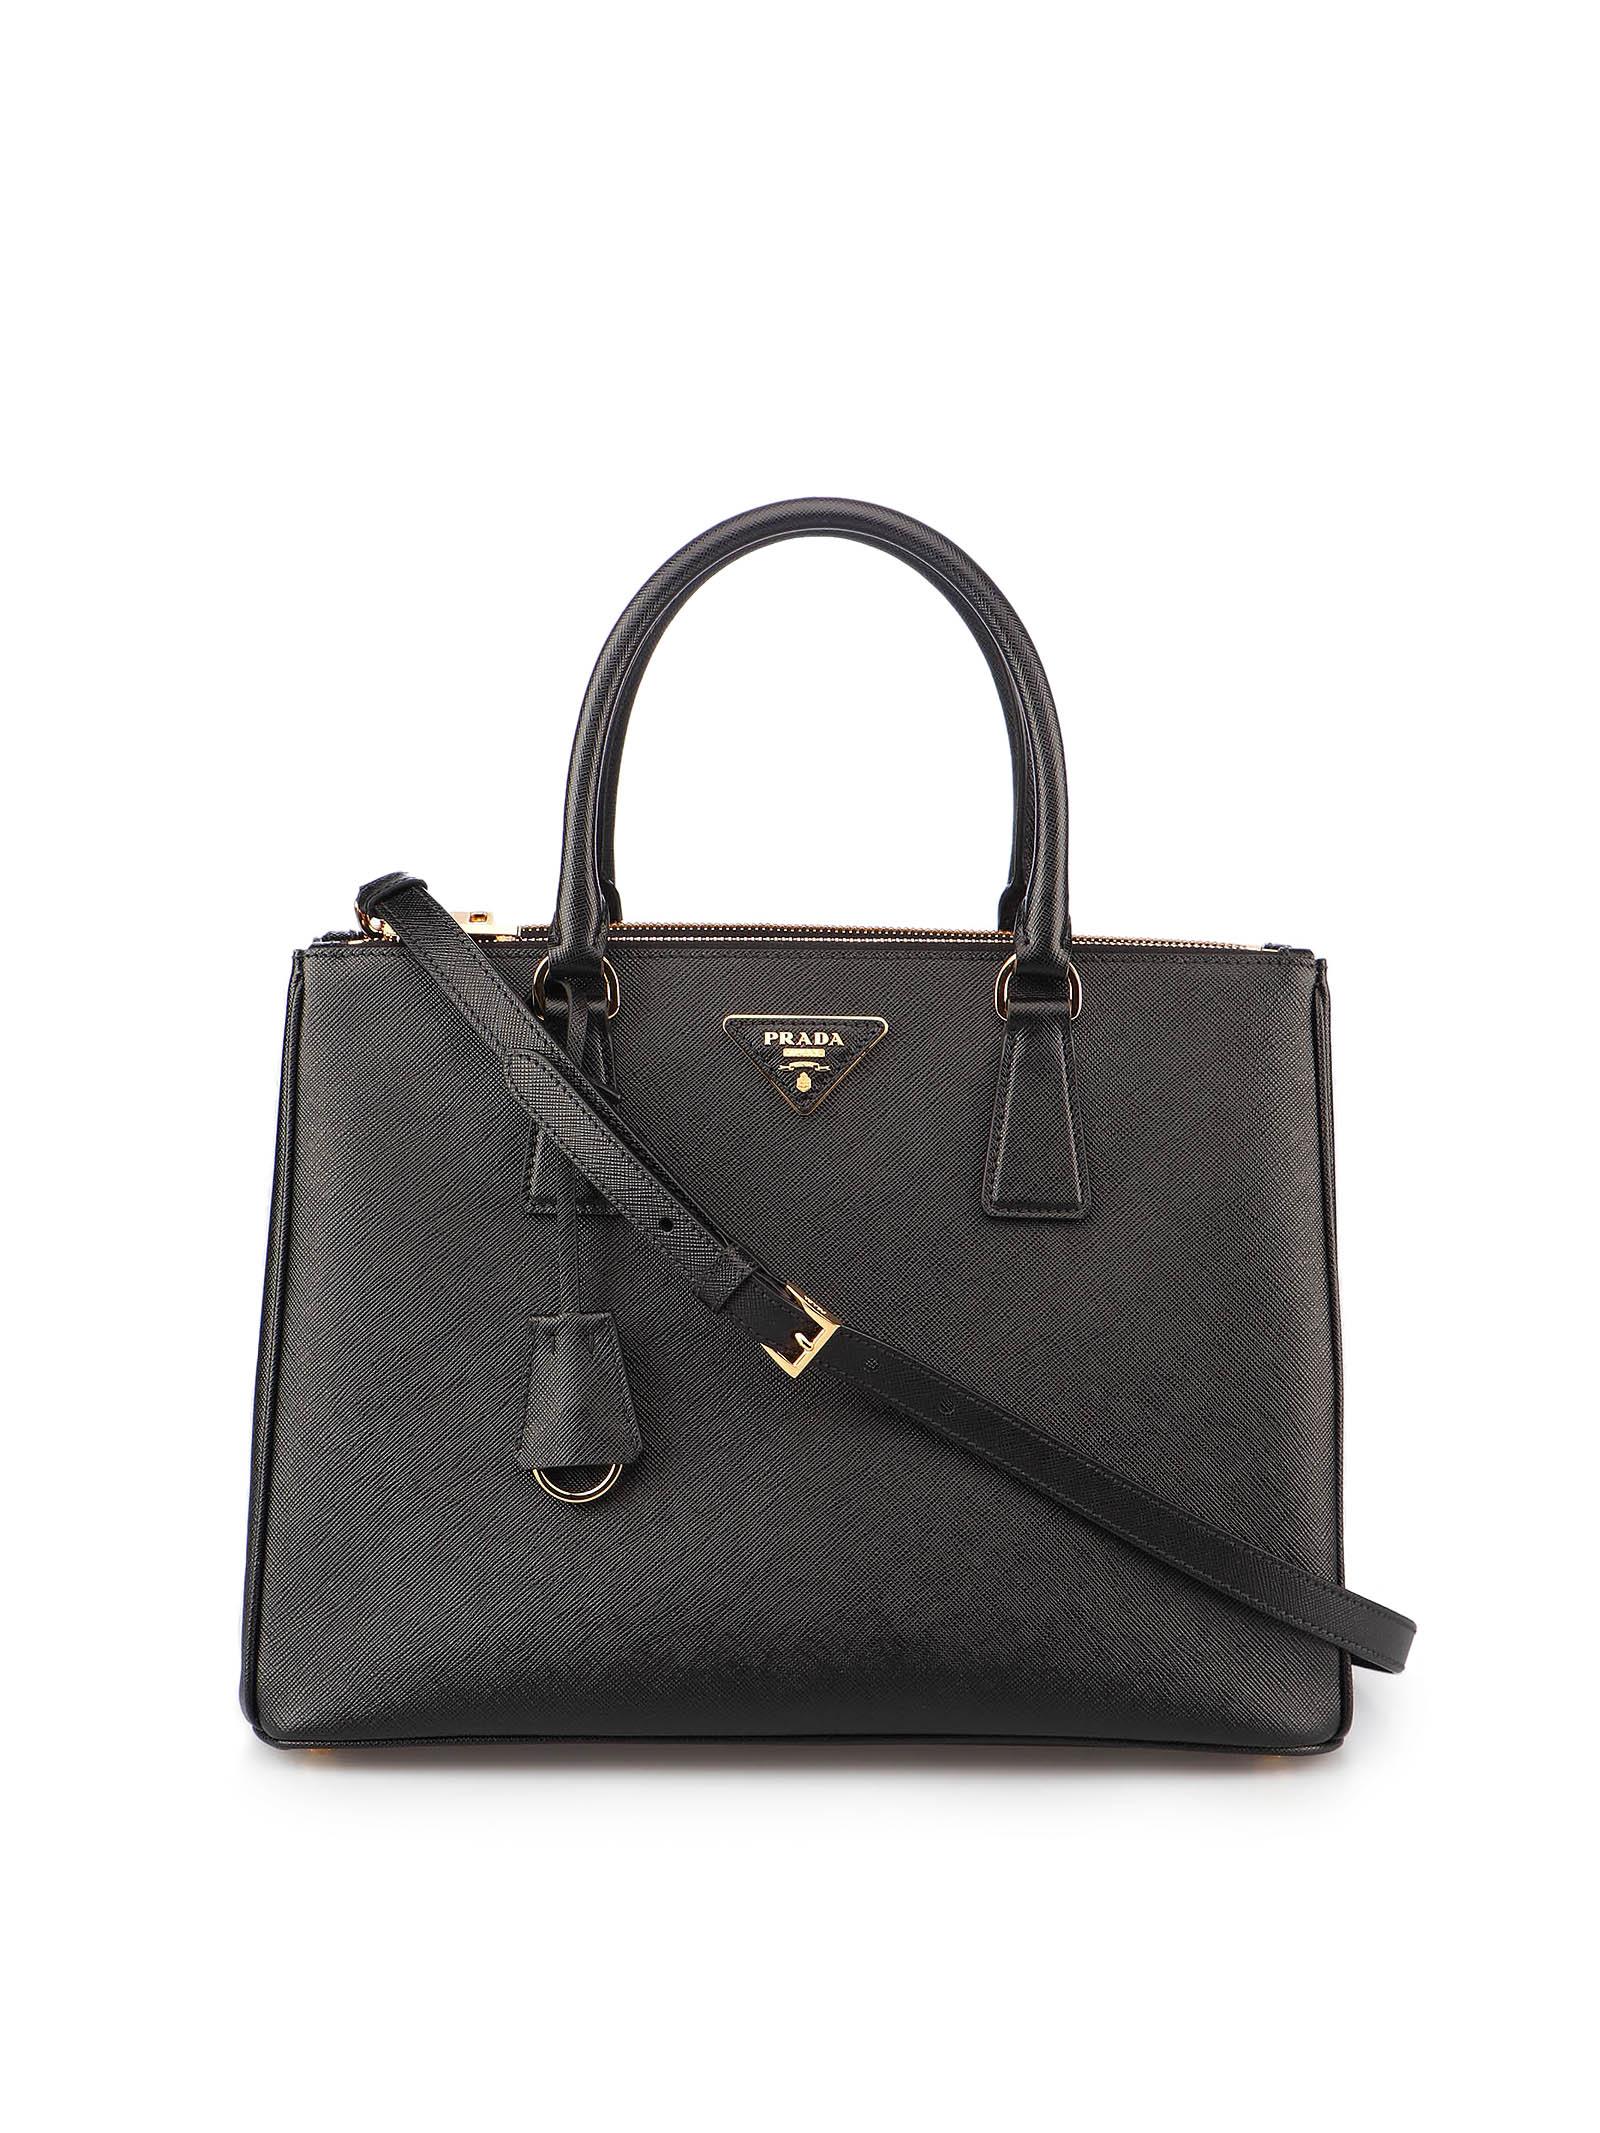 Immagine di Prada   Medium Saffiano Leather Prada Galleria Bag